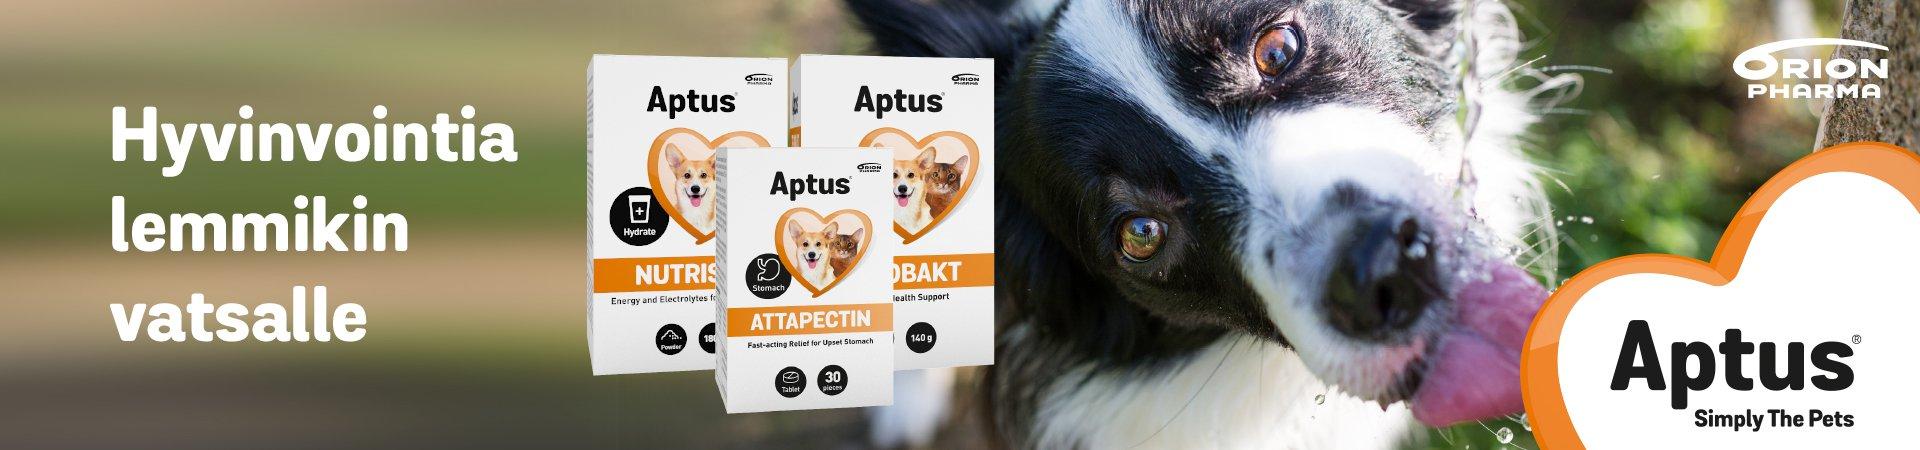 Aptus - hyvinvointia lemmikin vatsalle